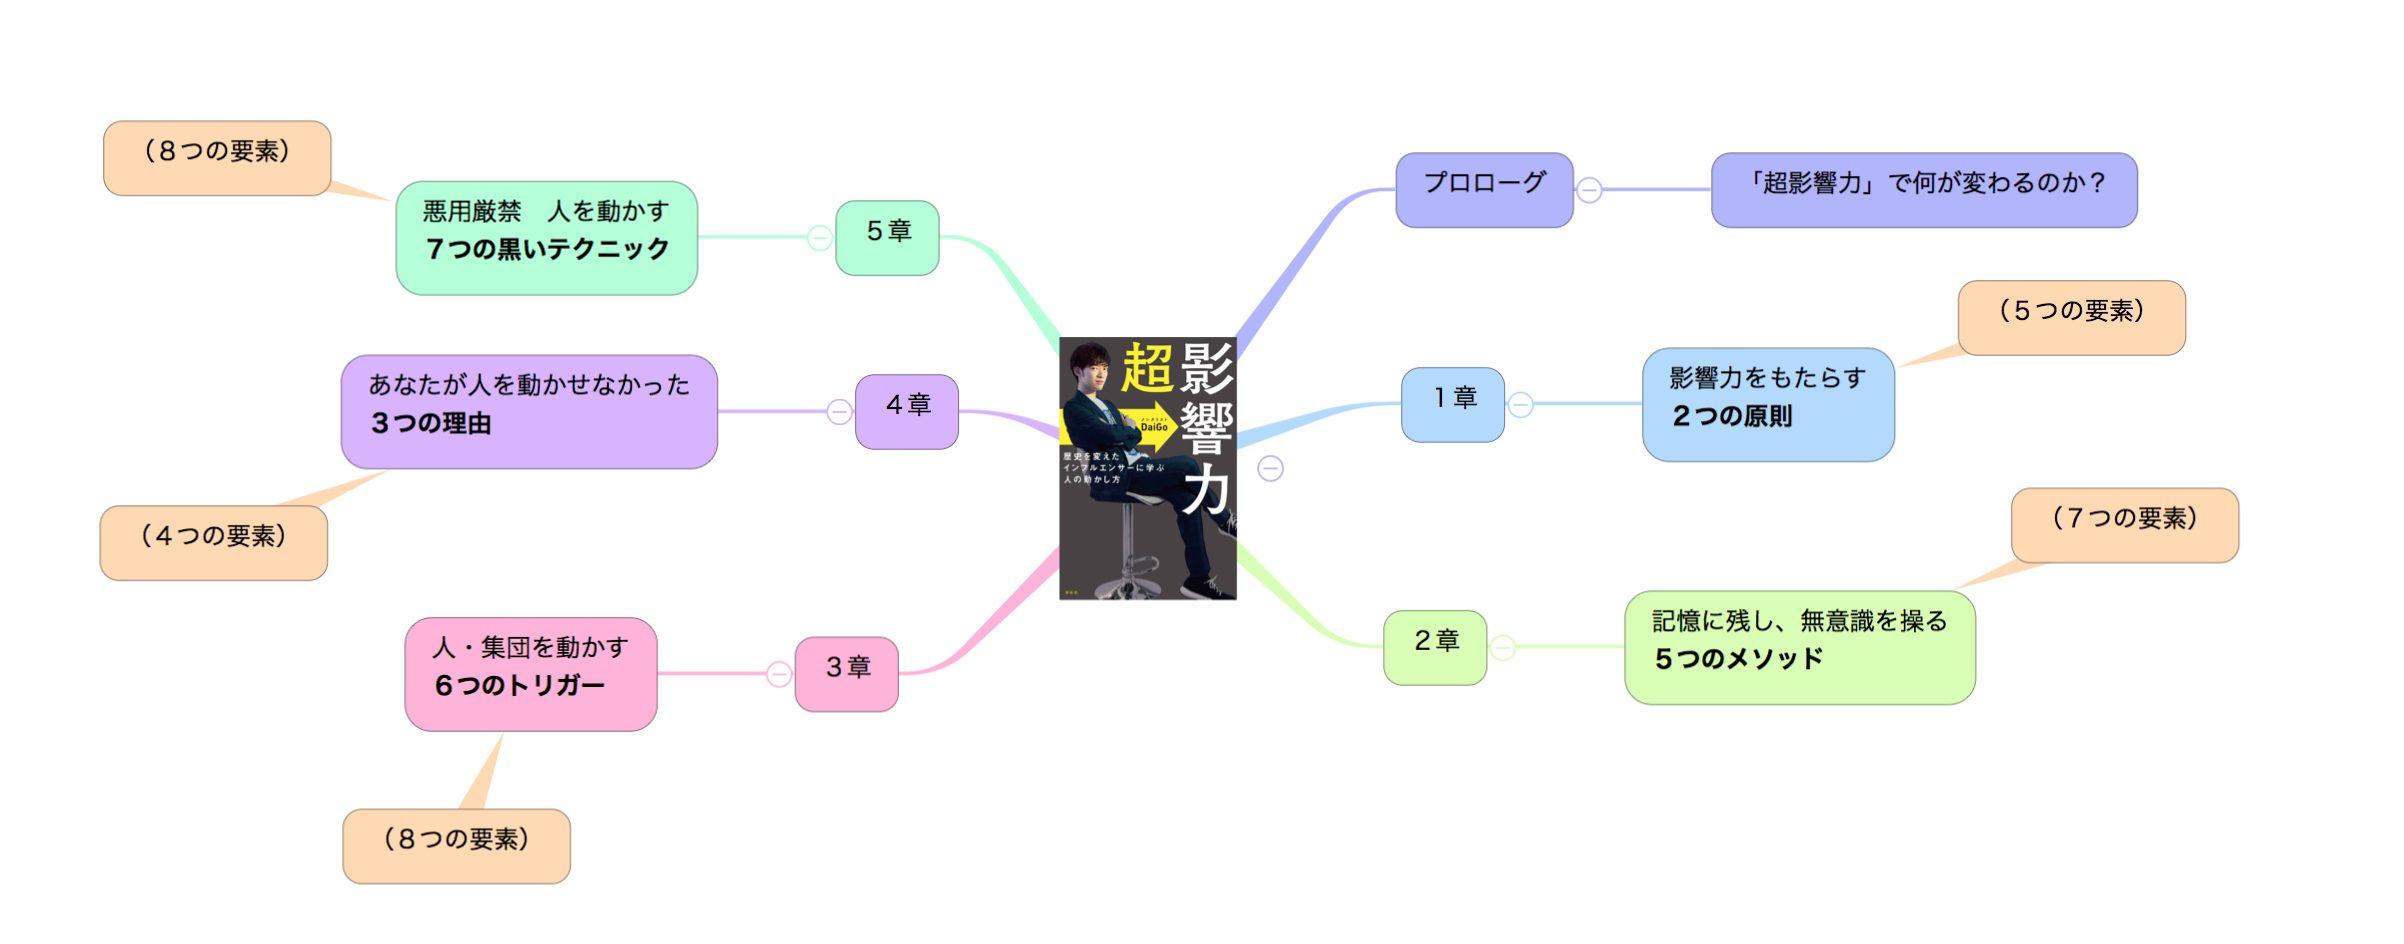 「超影響力」の目次のマインドマップ